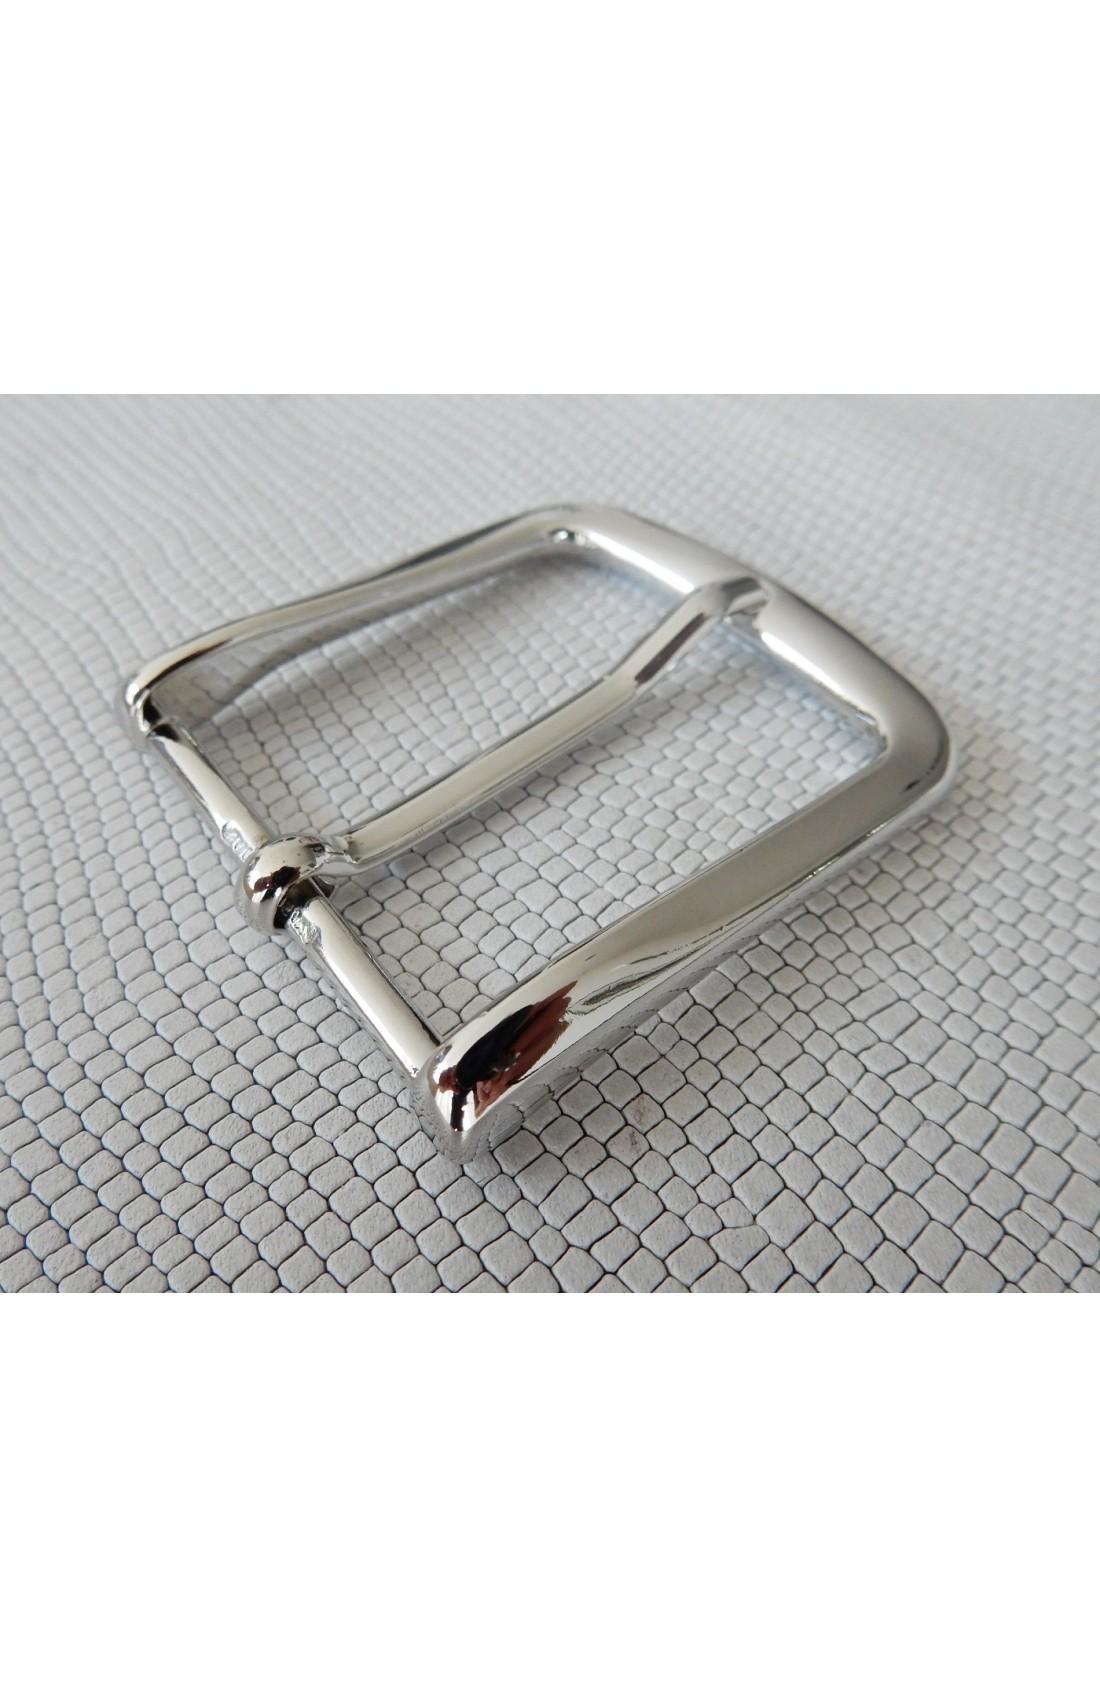 Fibbia Standard L 143 mm.35 nikel free (2)